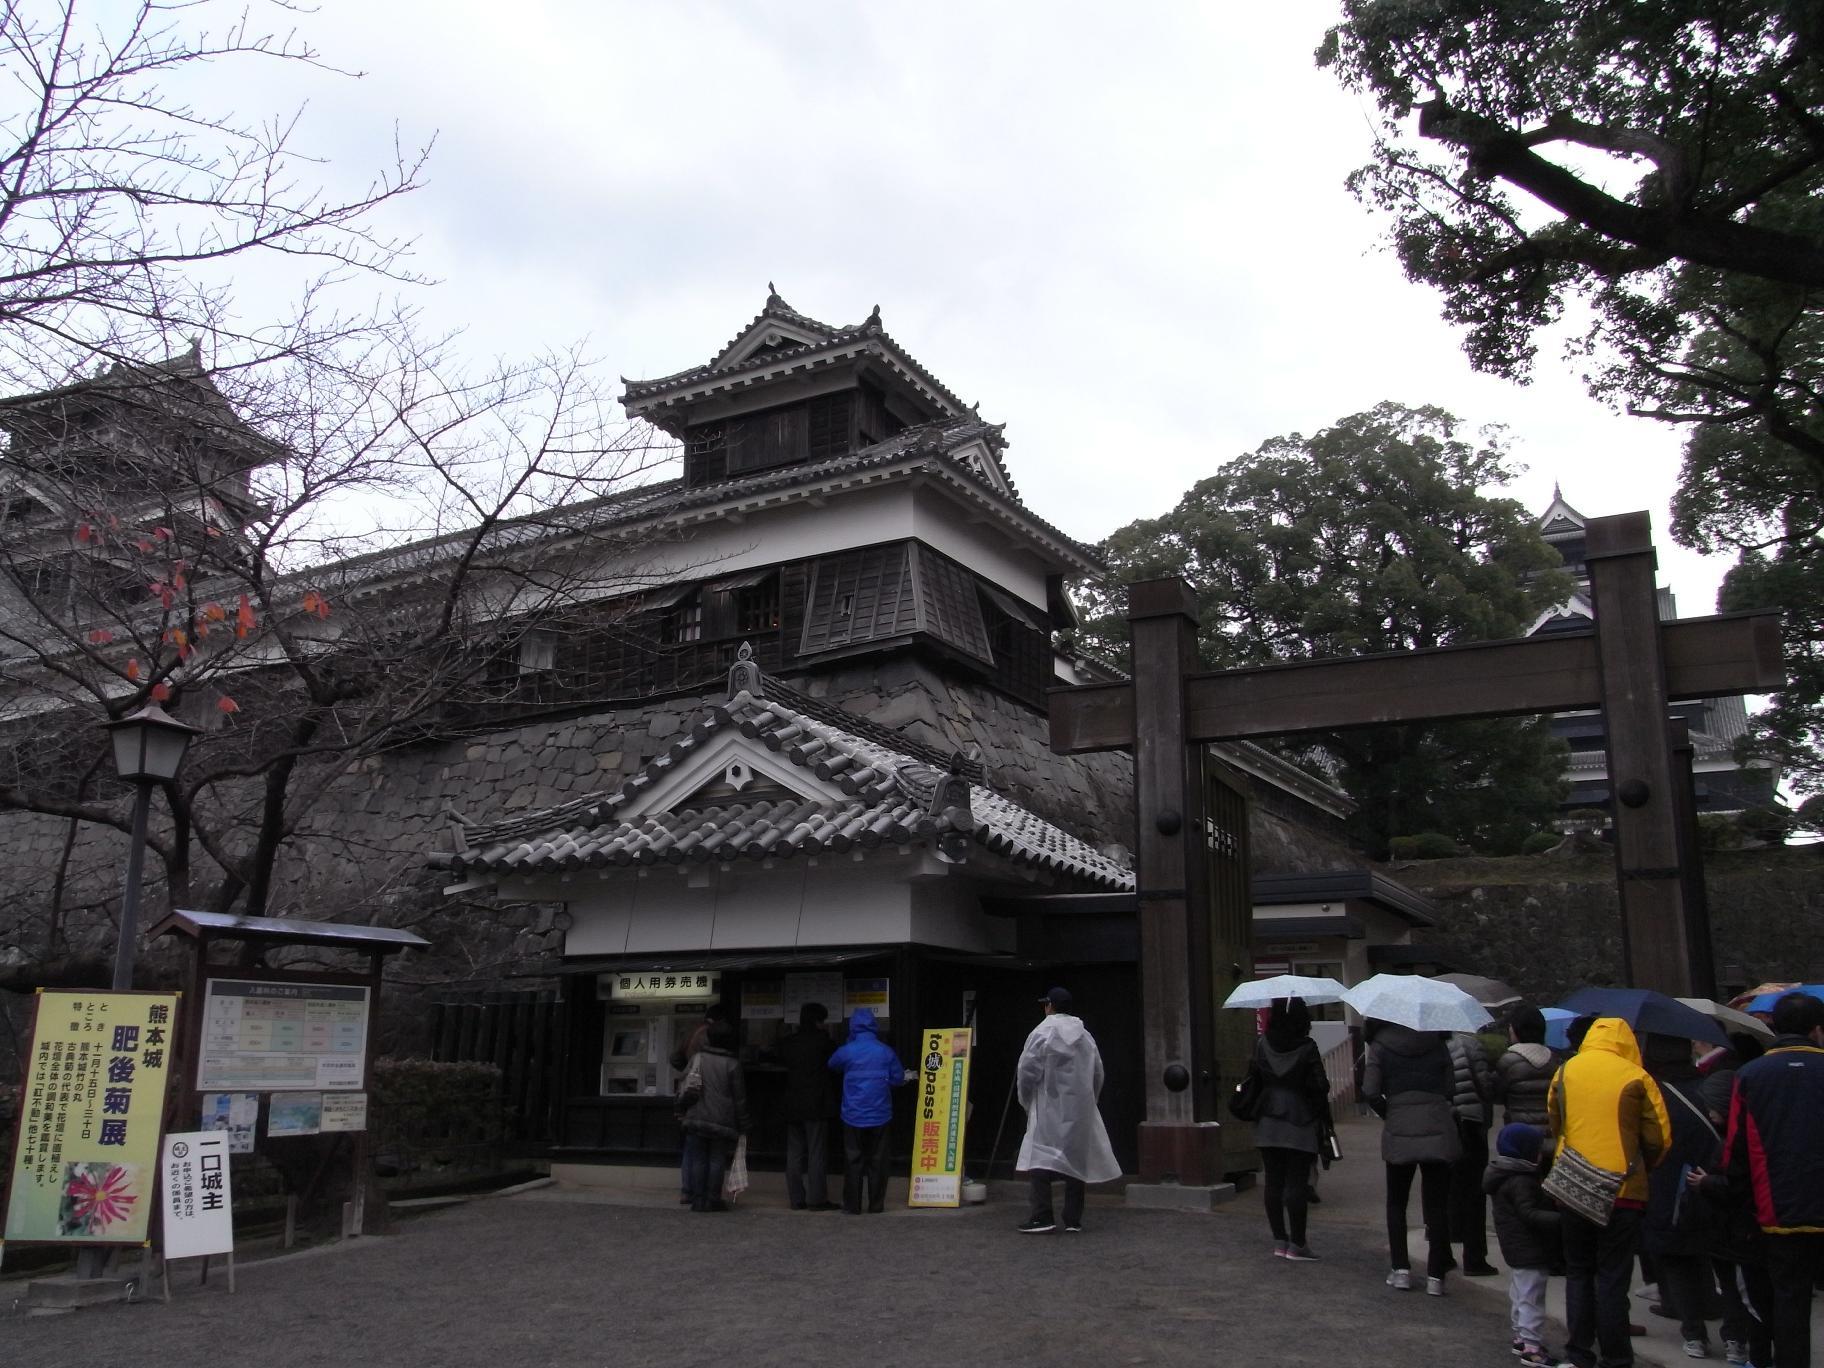 [自転車旅行] 2012/11/29:熊本県熊本市~阿蘇市(阿蘇ライダーハウス)